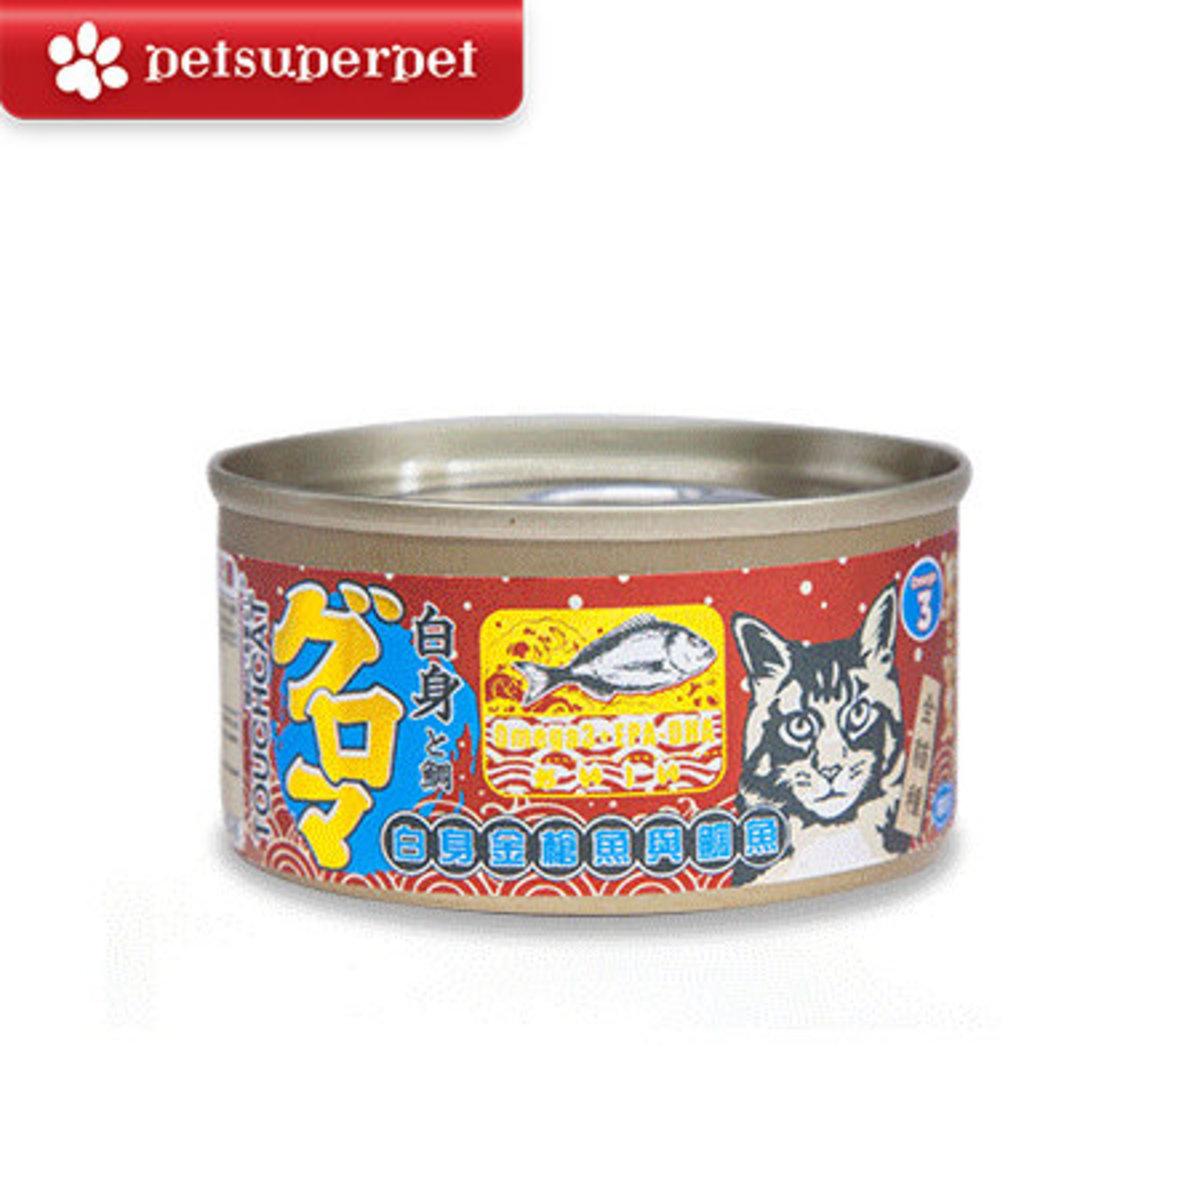 日本白身金槍魚與鯛魚 貓罐頭 (平行進口貨品) - 85g